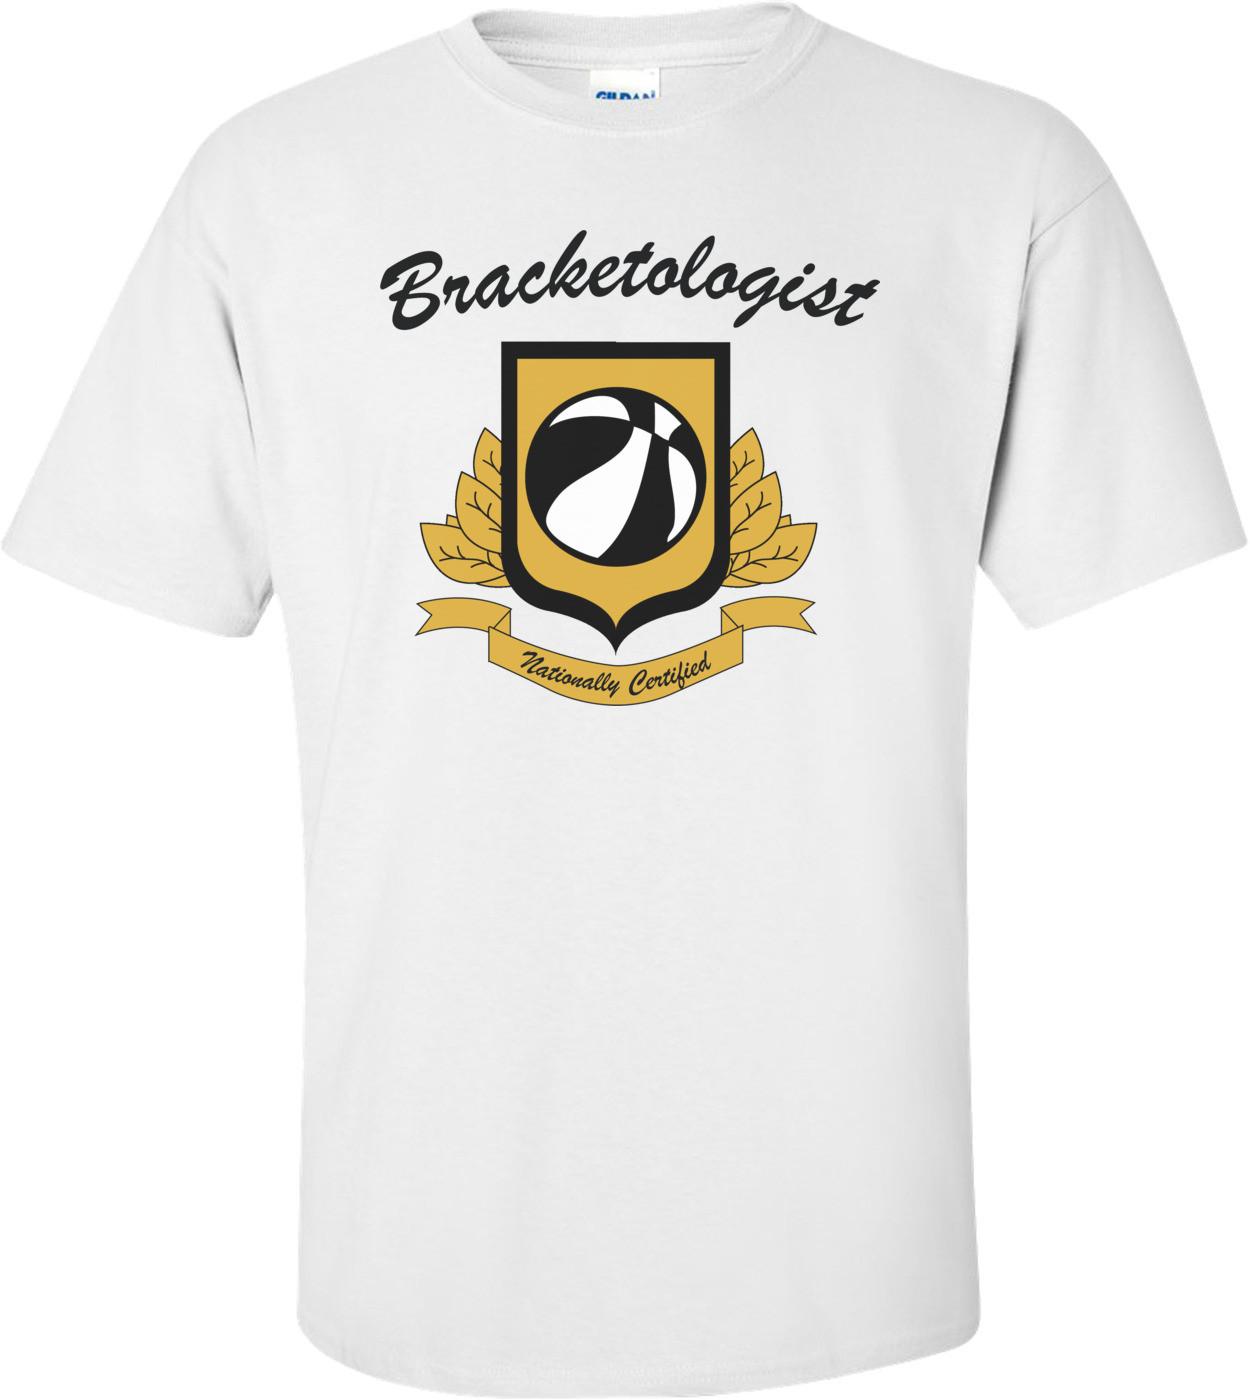 Bracketologist March Madness T-shirt